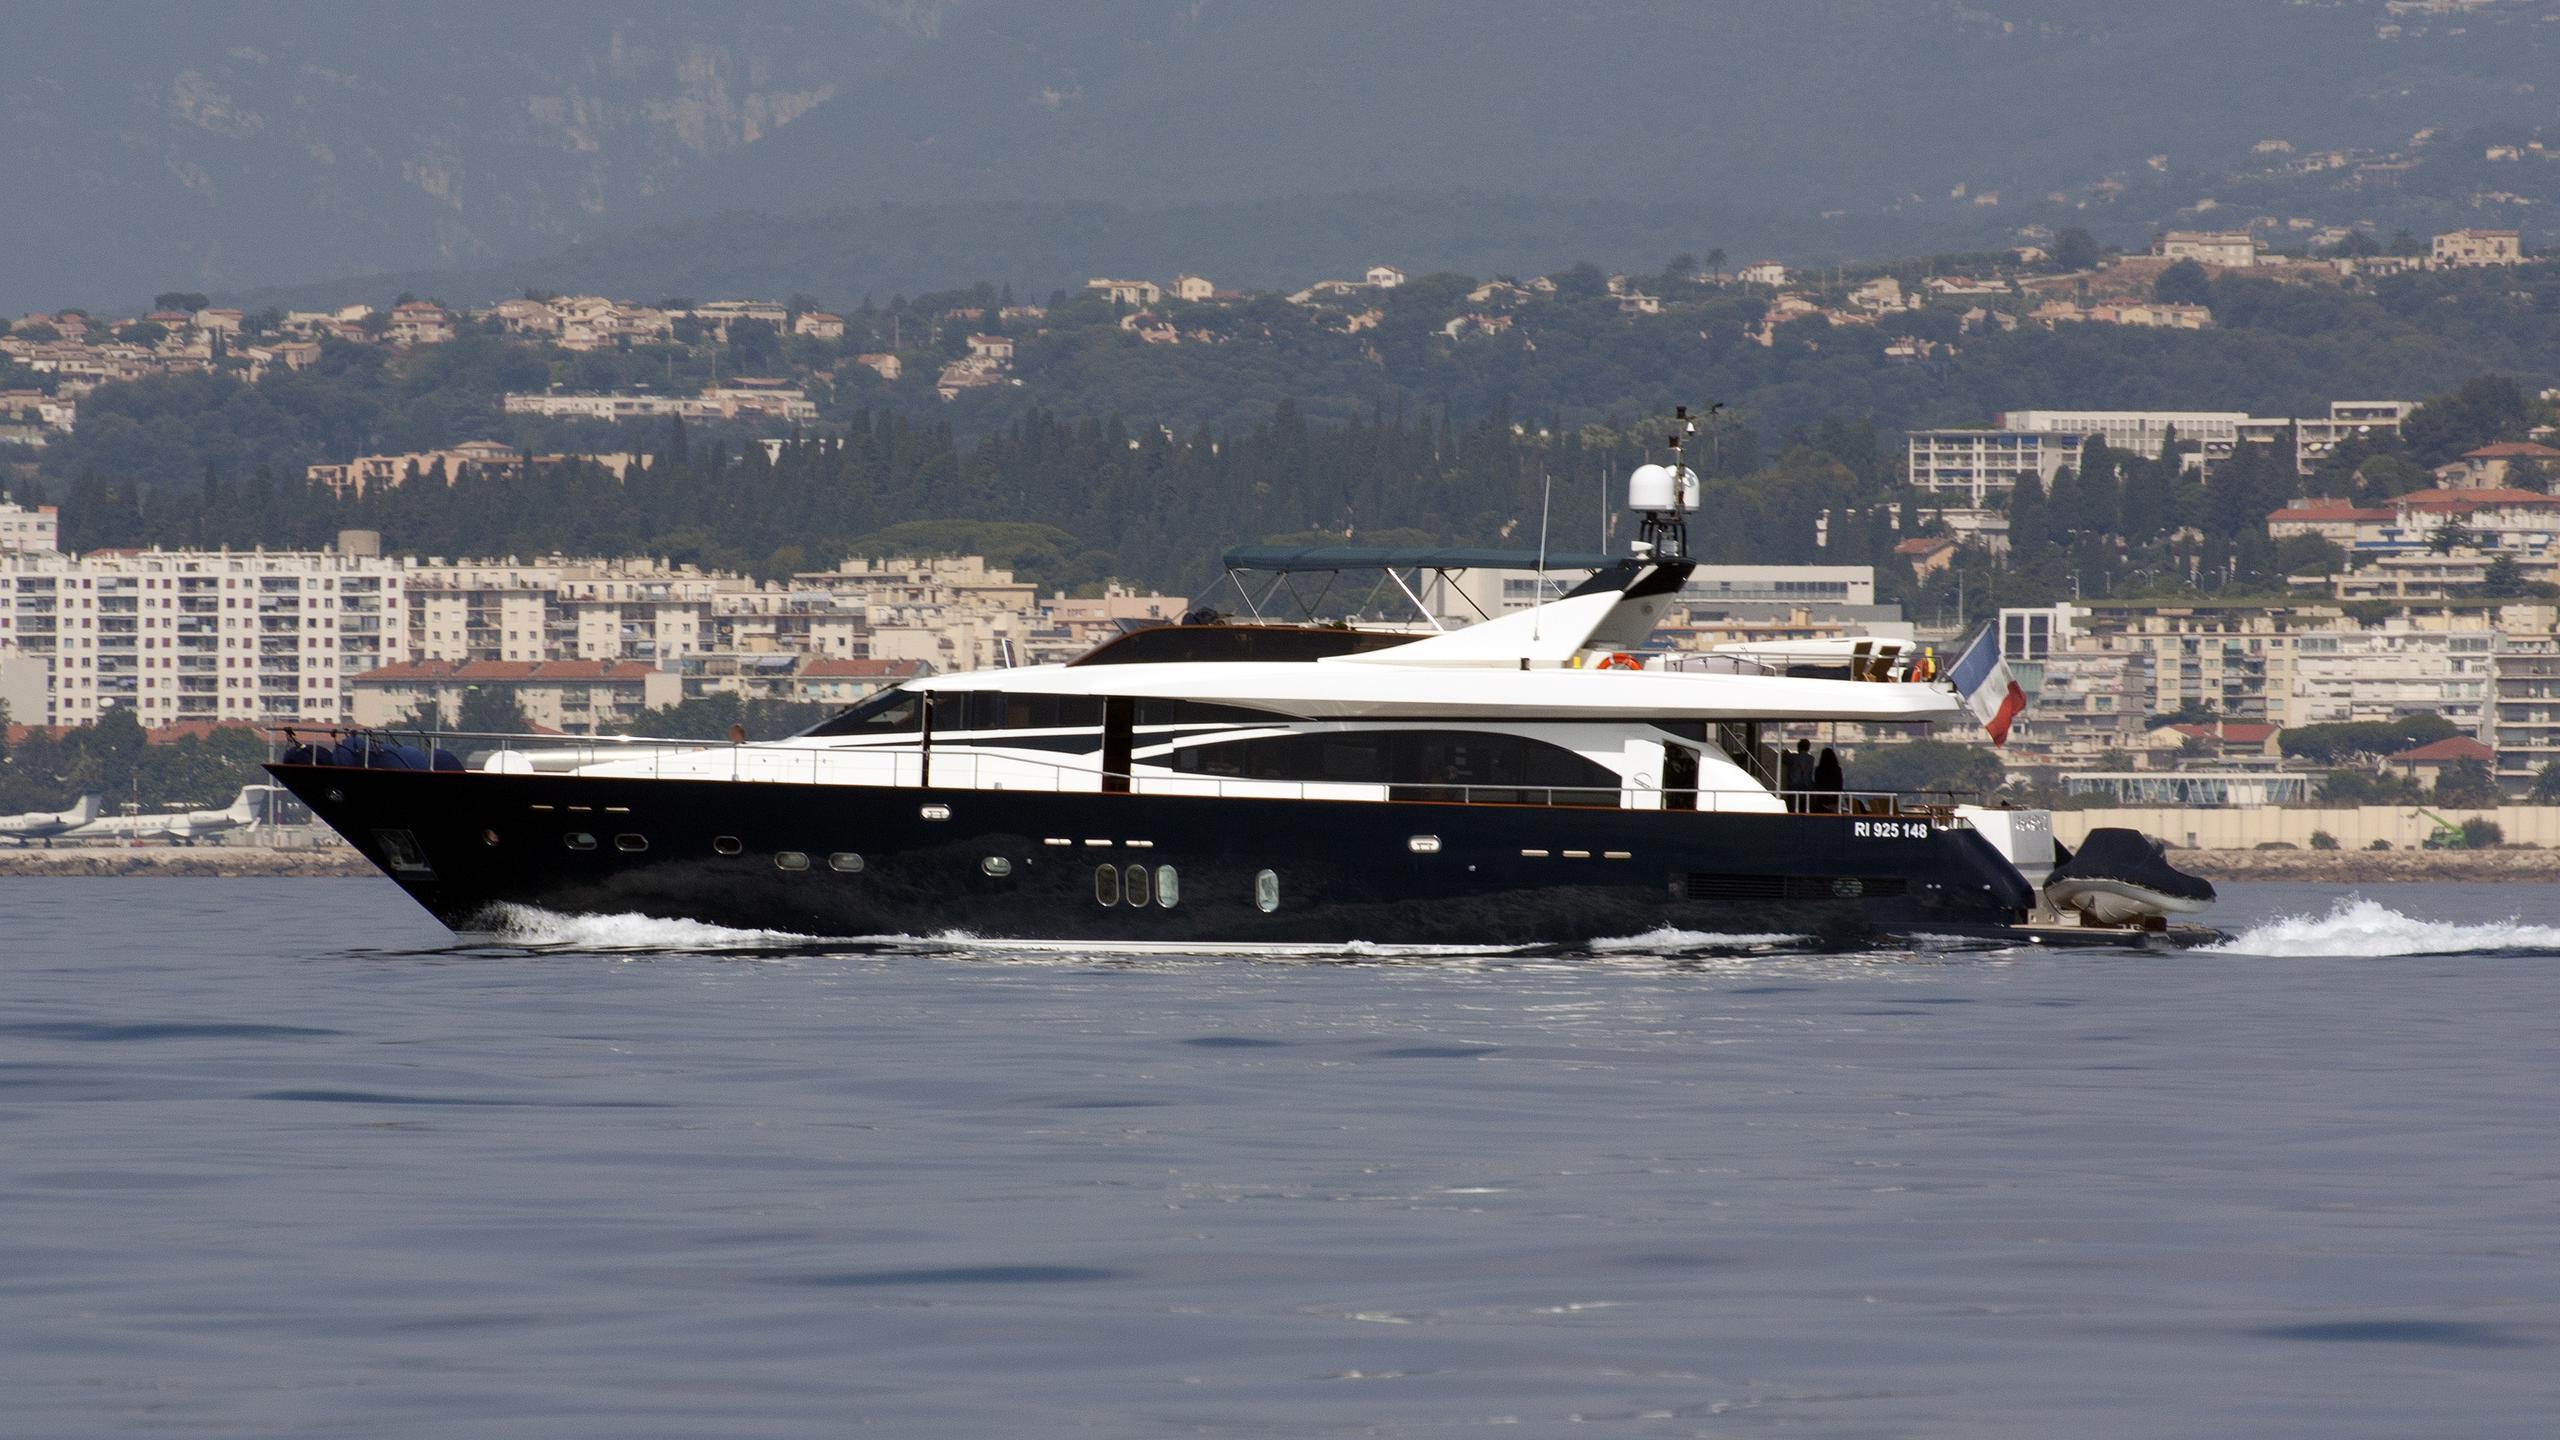 lady amanda revenge ii fanfaron v motoryacht couach yachts 28m 2006 profile